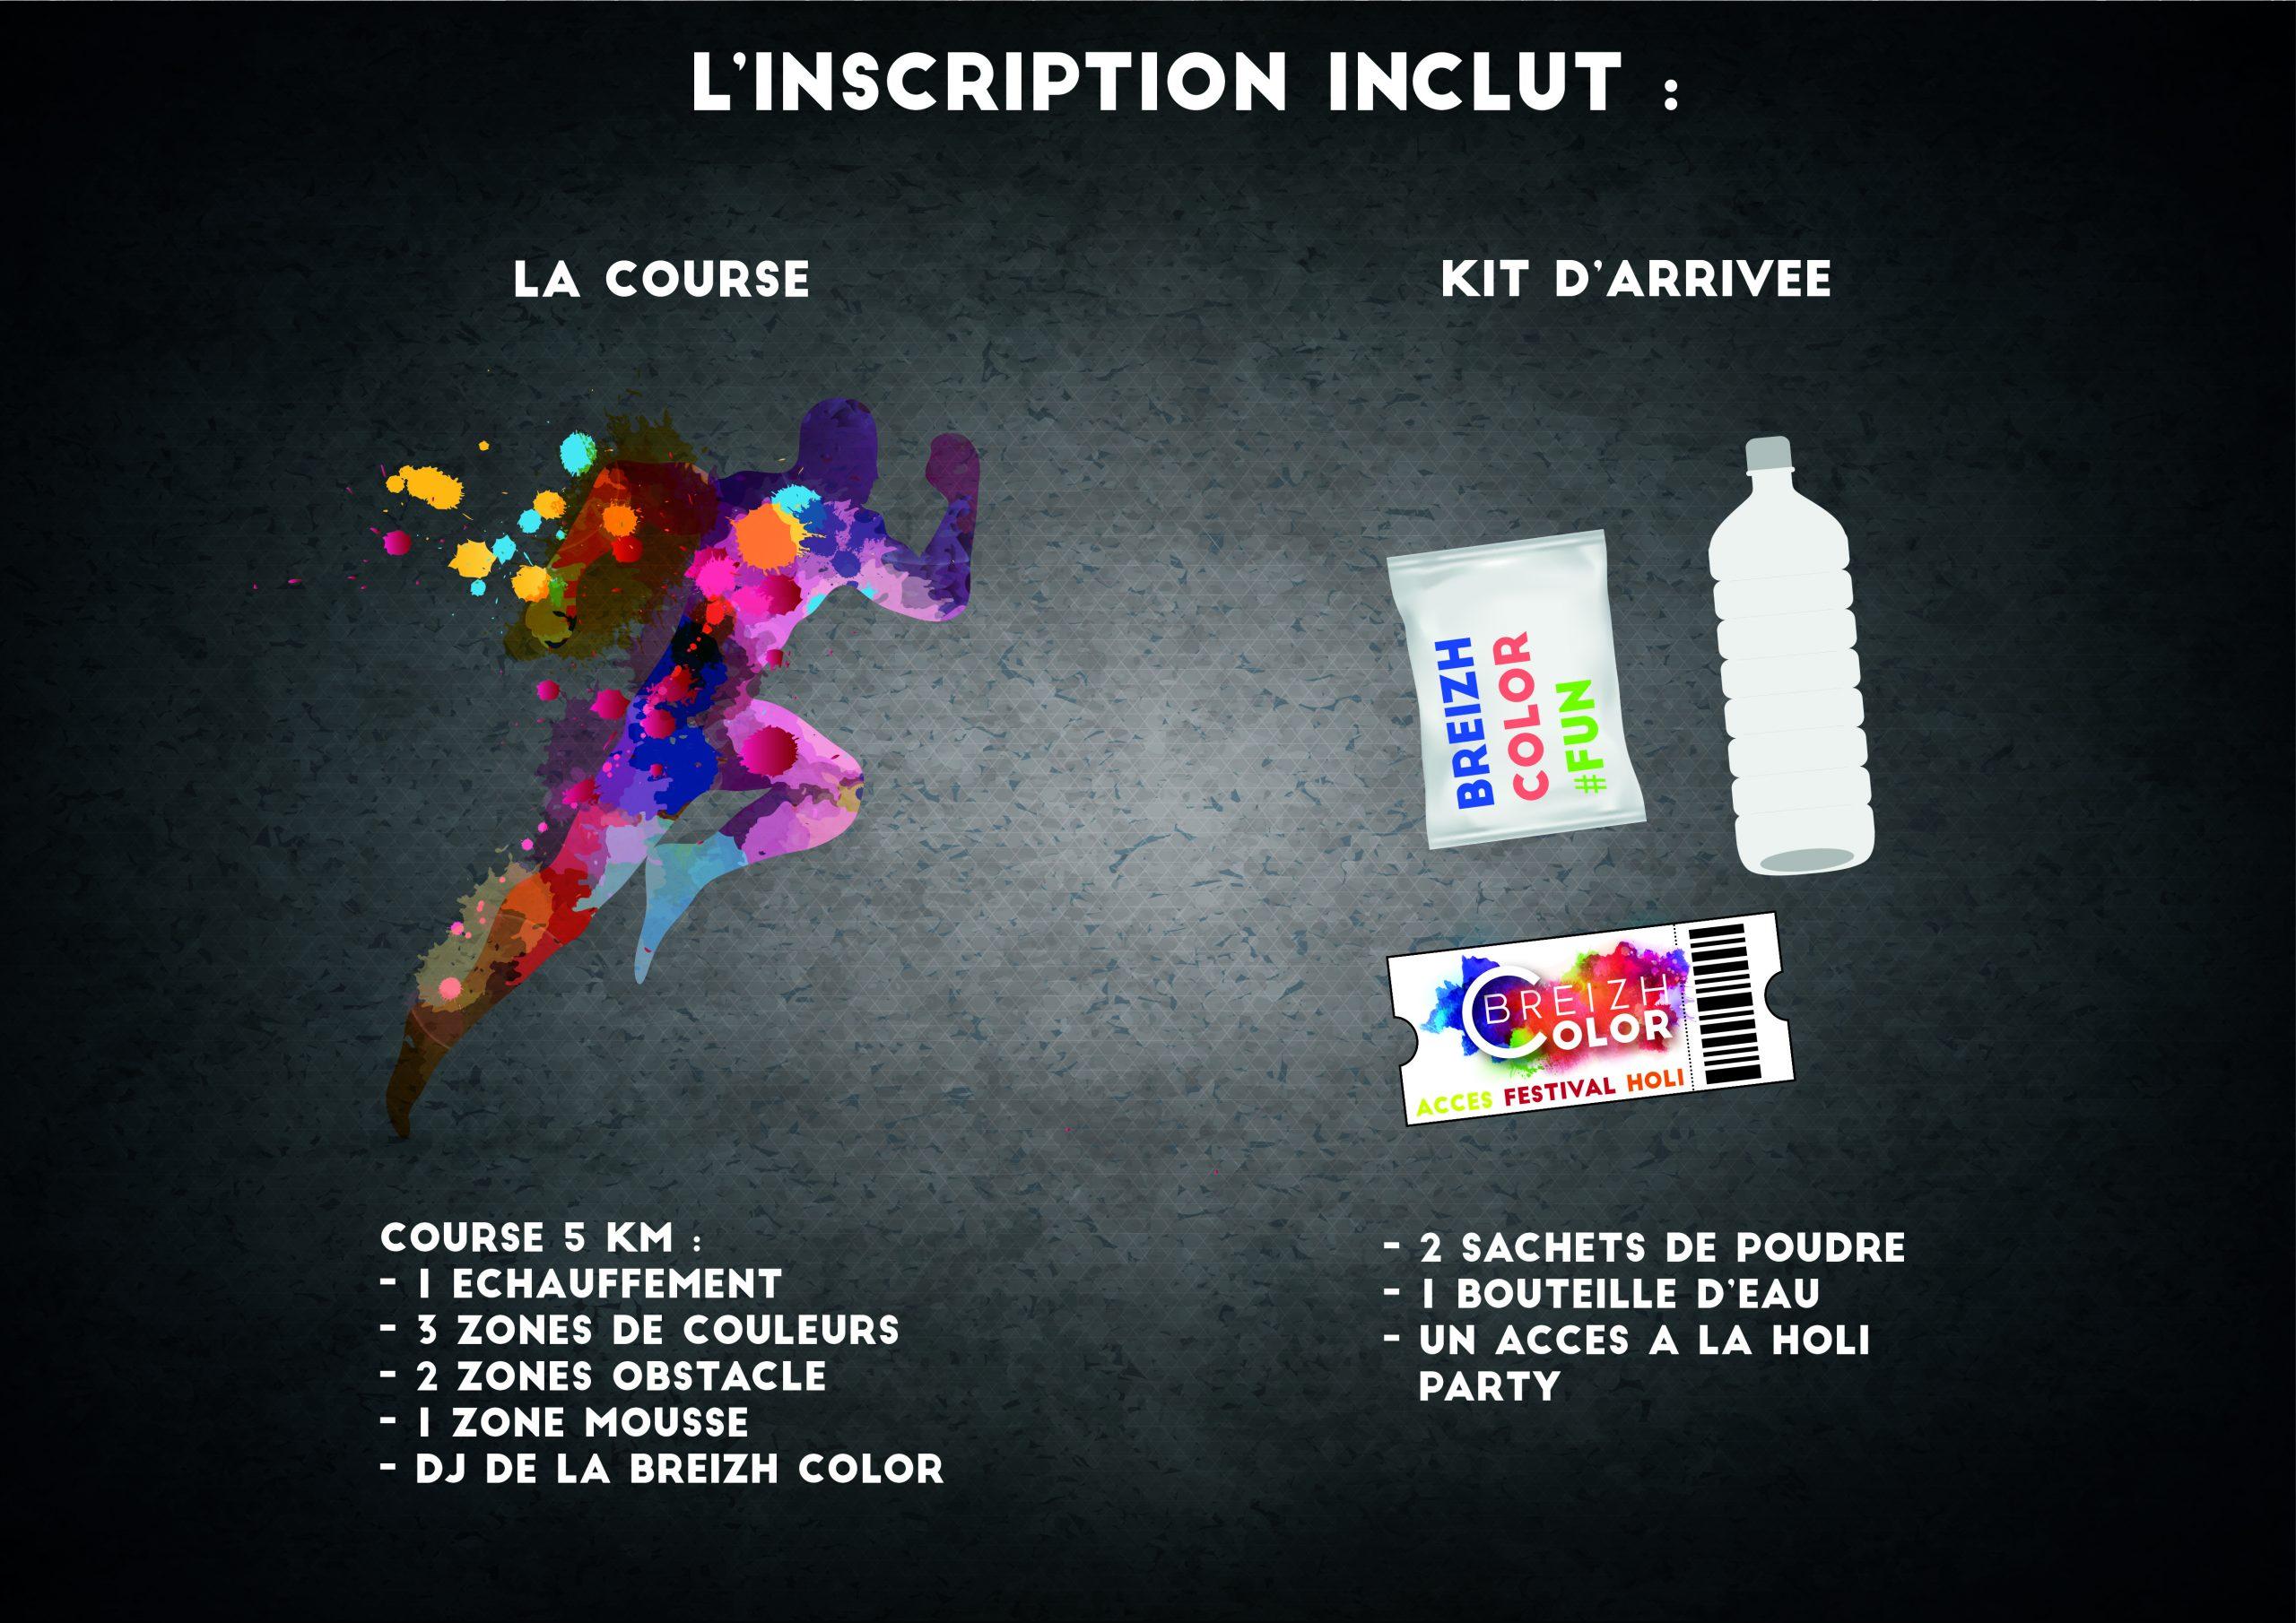 L'inscription à la Breizh Color comprend le kit (t-shirt, lunettes de soleil, sac à dos, magazine, sachet de poudre) ainsi que l'accès au festival Holi.